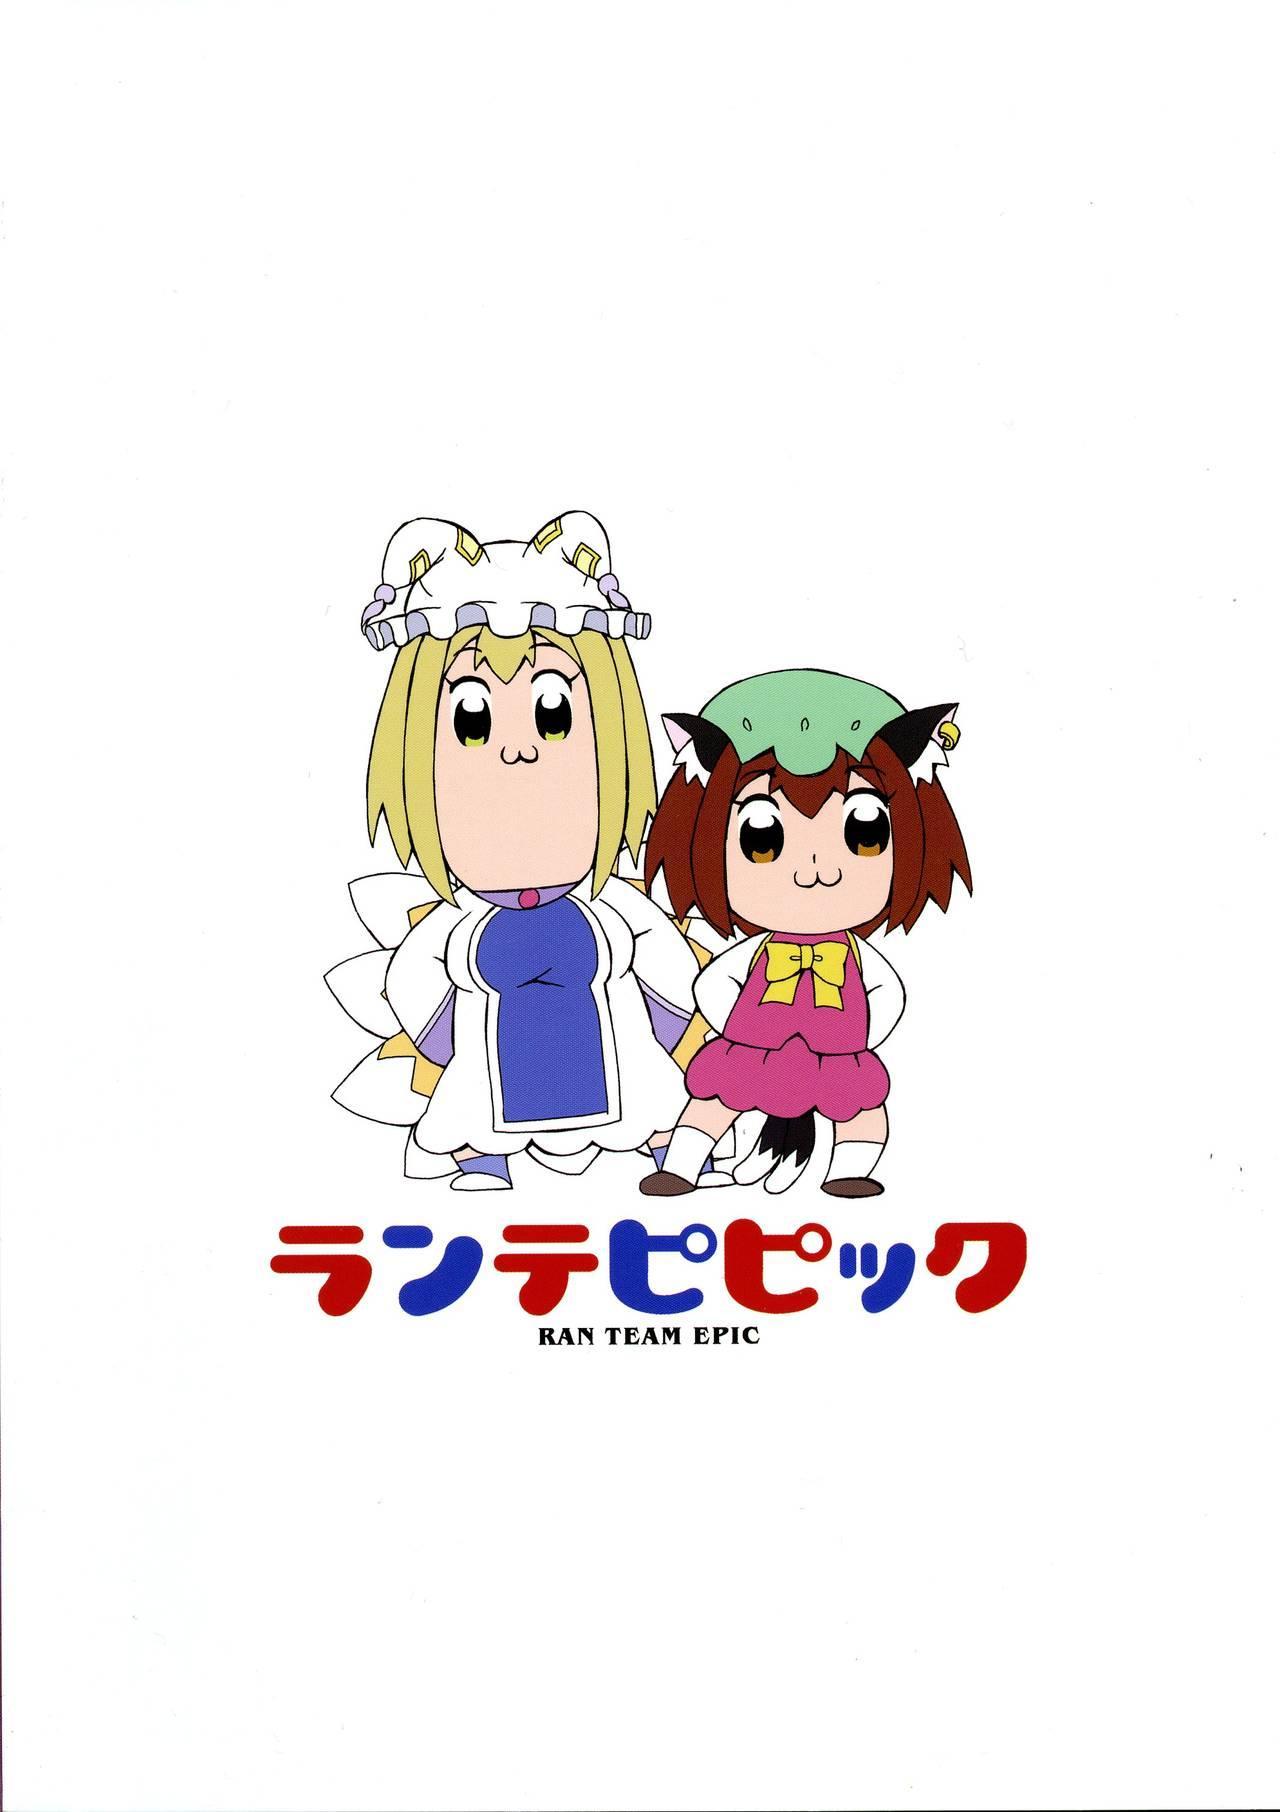 Kawaii Daidai no Tanominara nan demo Iu Koto Kii chau Ran Shama 1